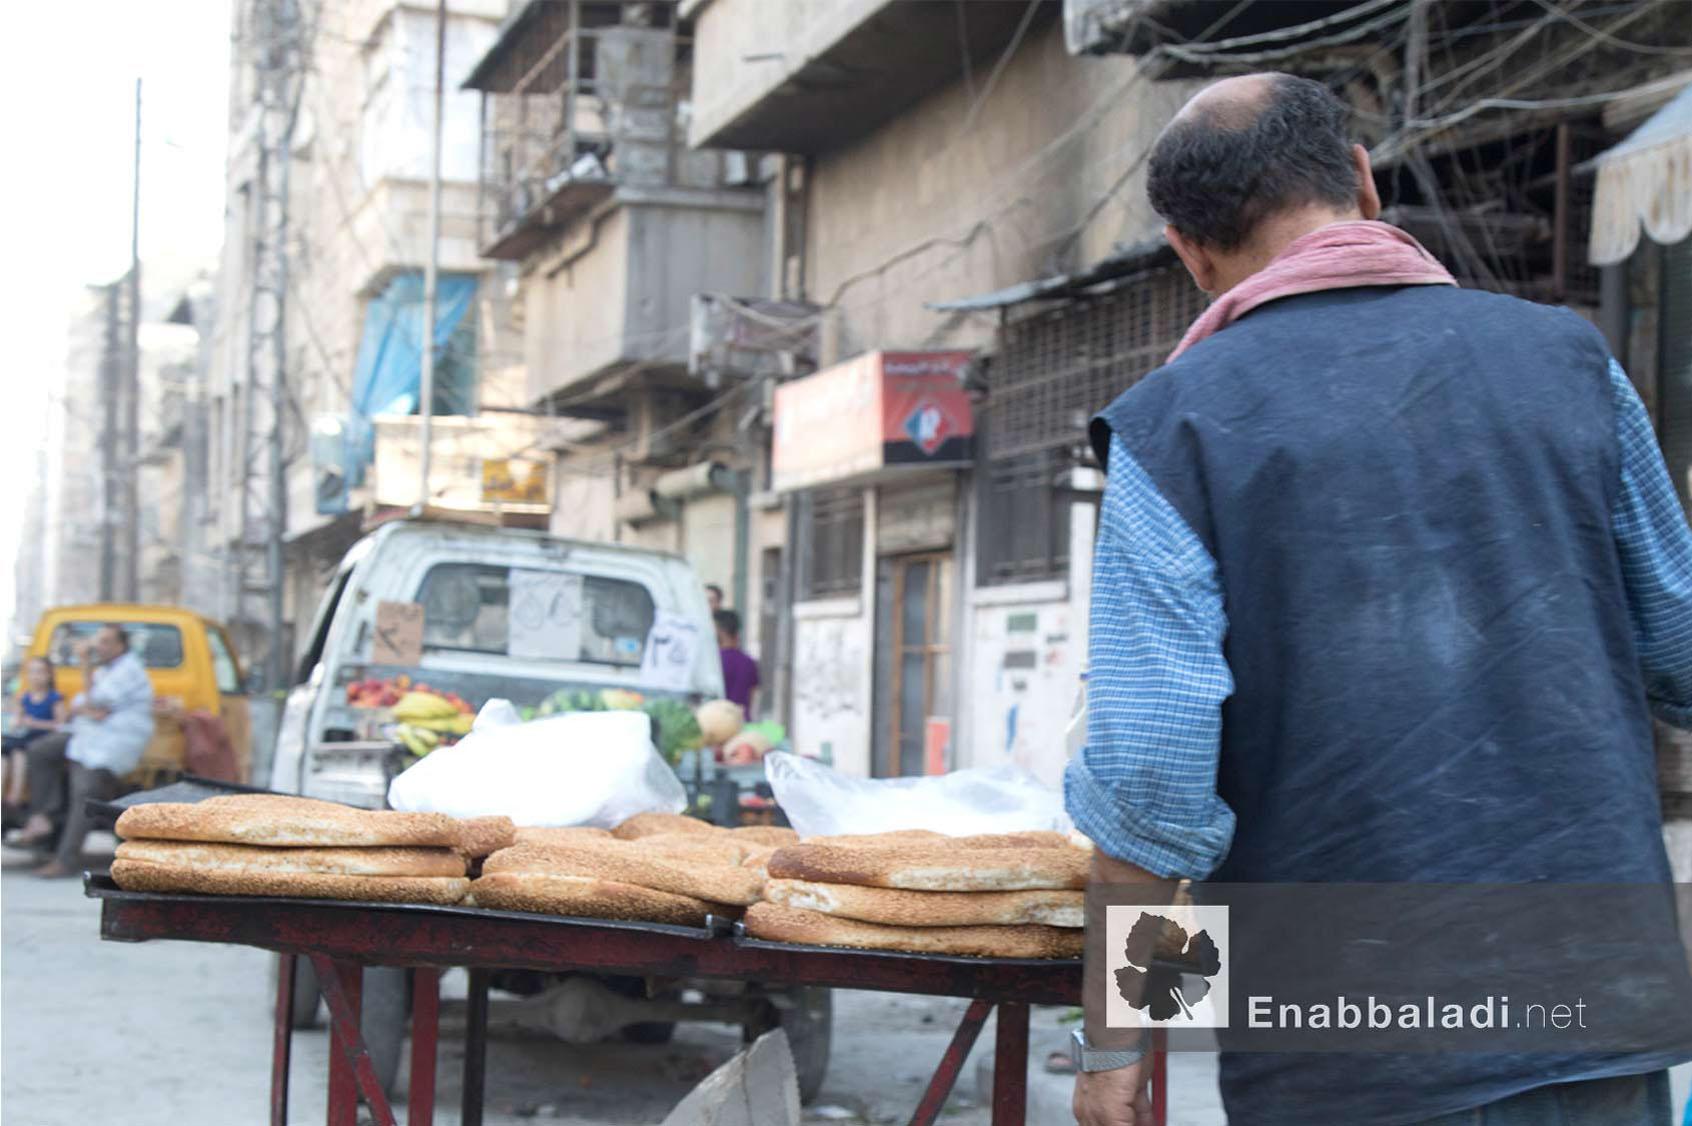 بائع معروك في مدينة حلب خلال رمضان - 13 حزيران 2016 - (عنب بلدي)